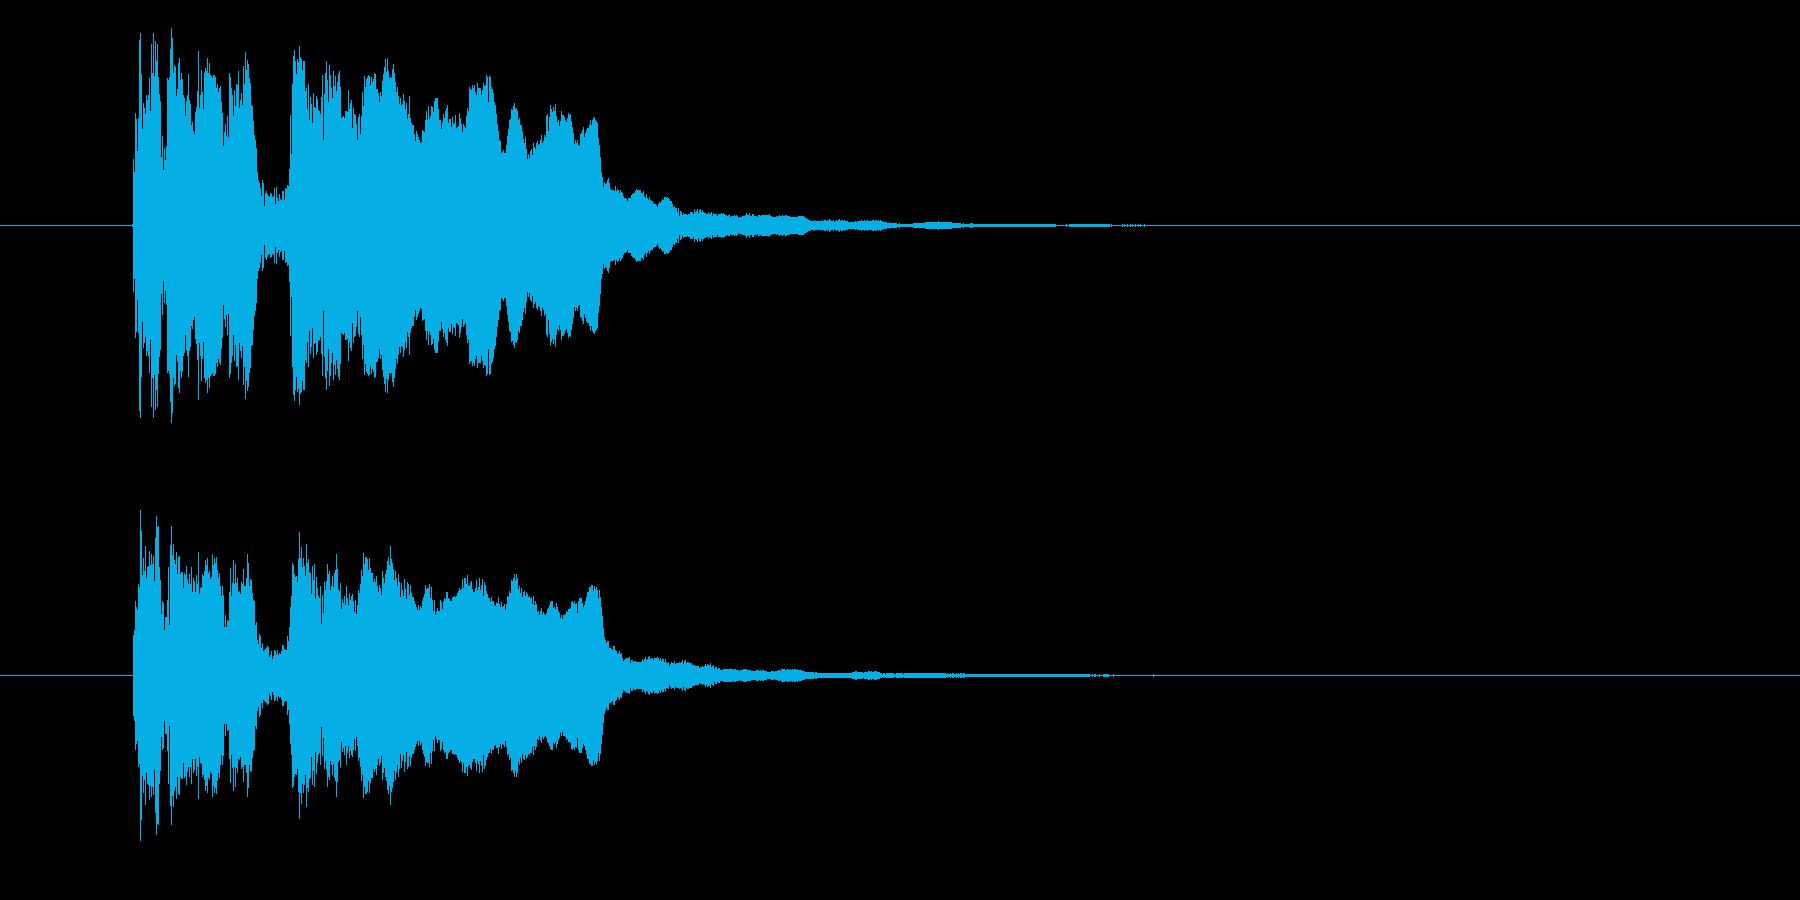 タラララッタラー(登場、発表)の再生済みの波形